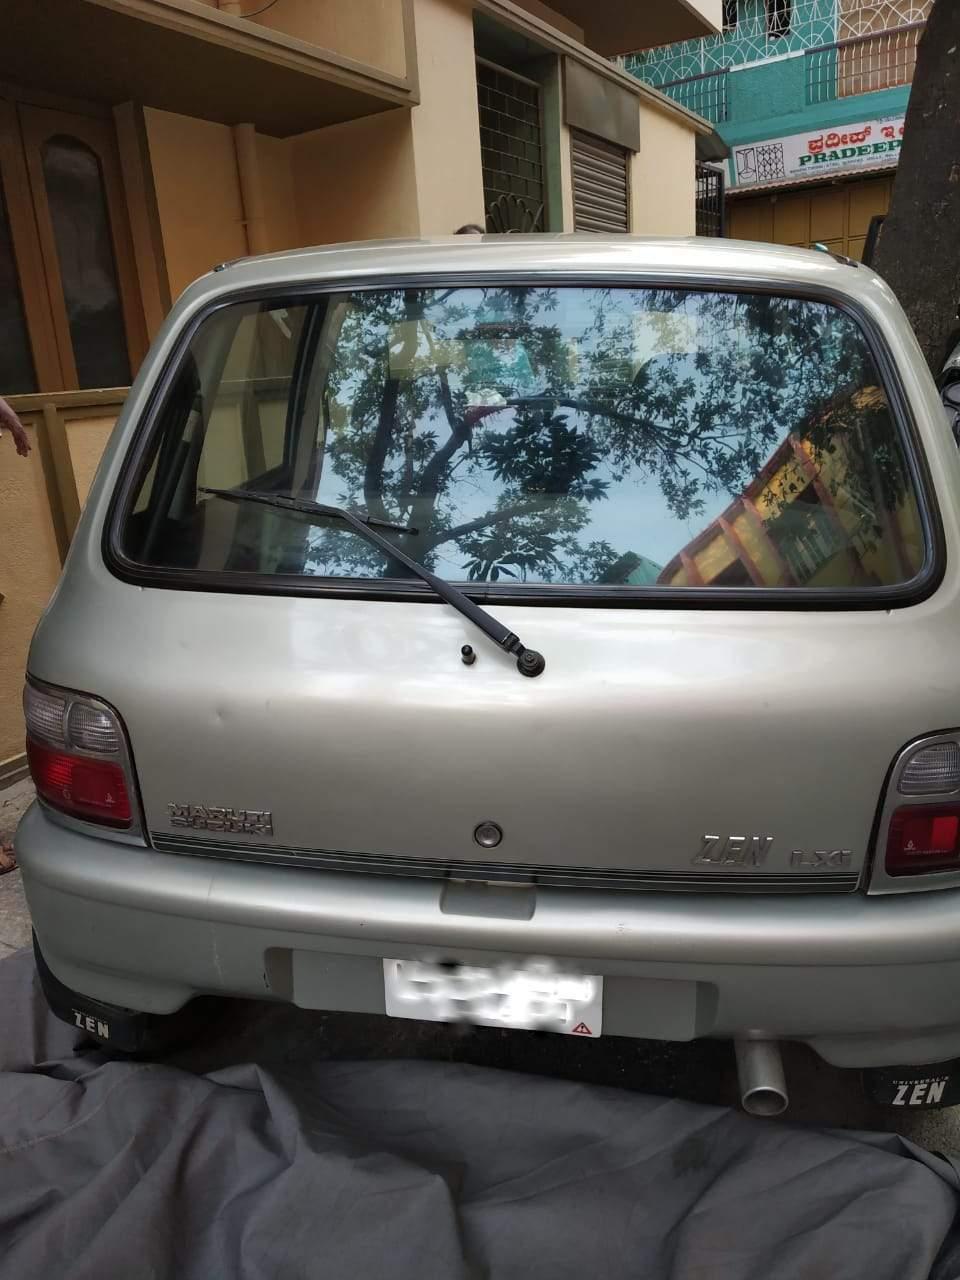 Maruti Suzuki Zen Left Side View